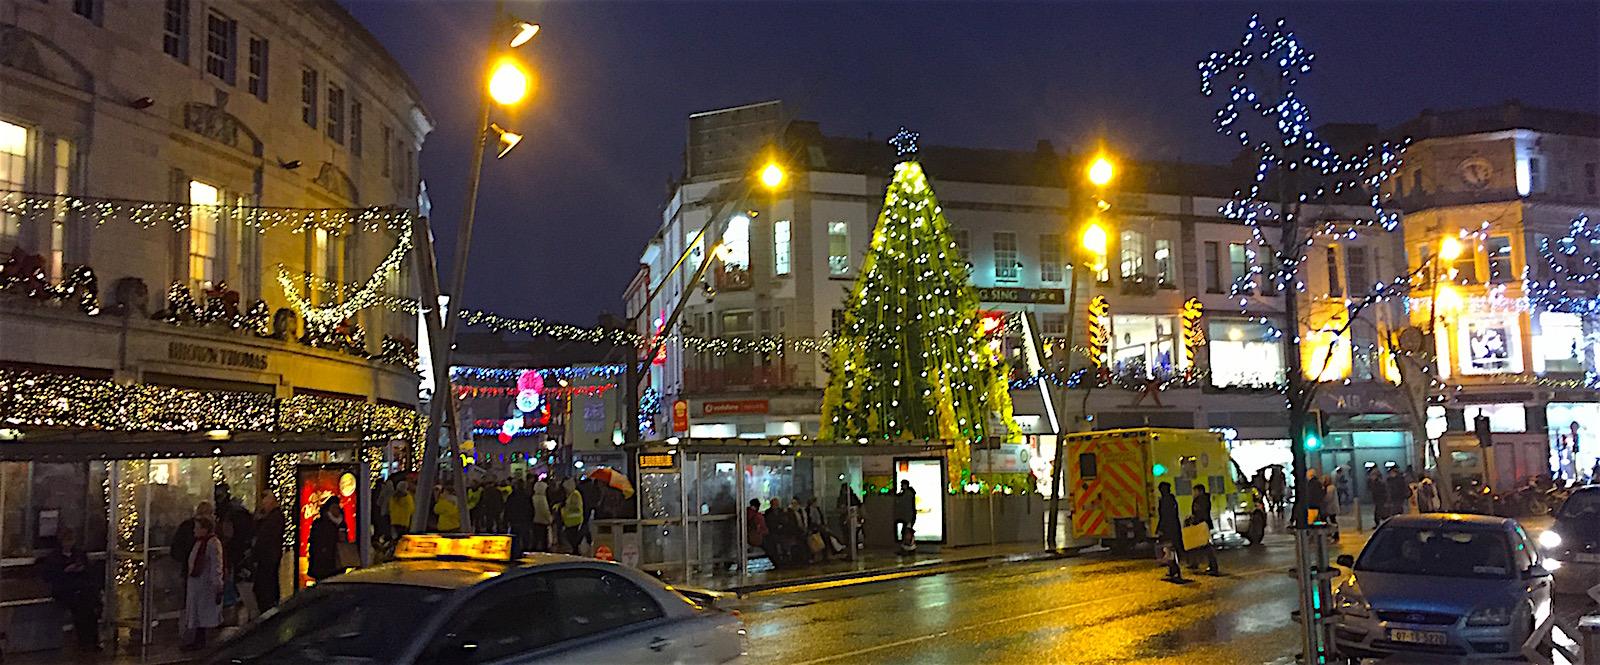 Irland am Jahresende 2015: Es wurde Licht - Irland News